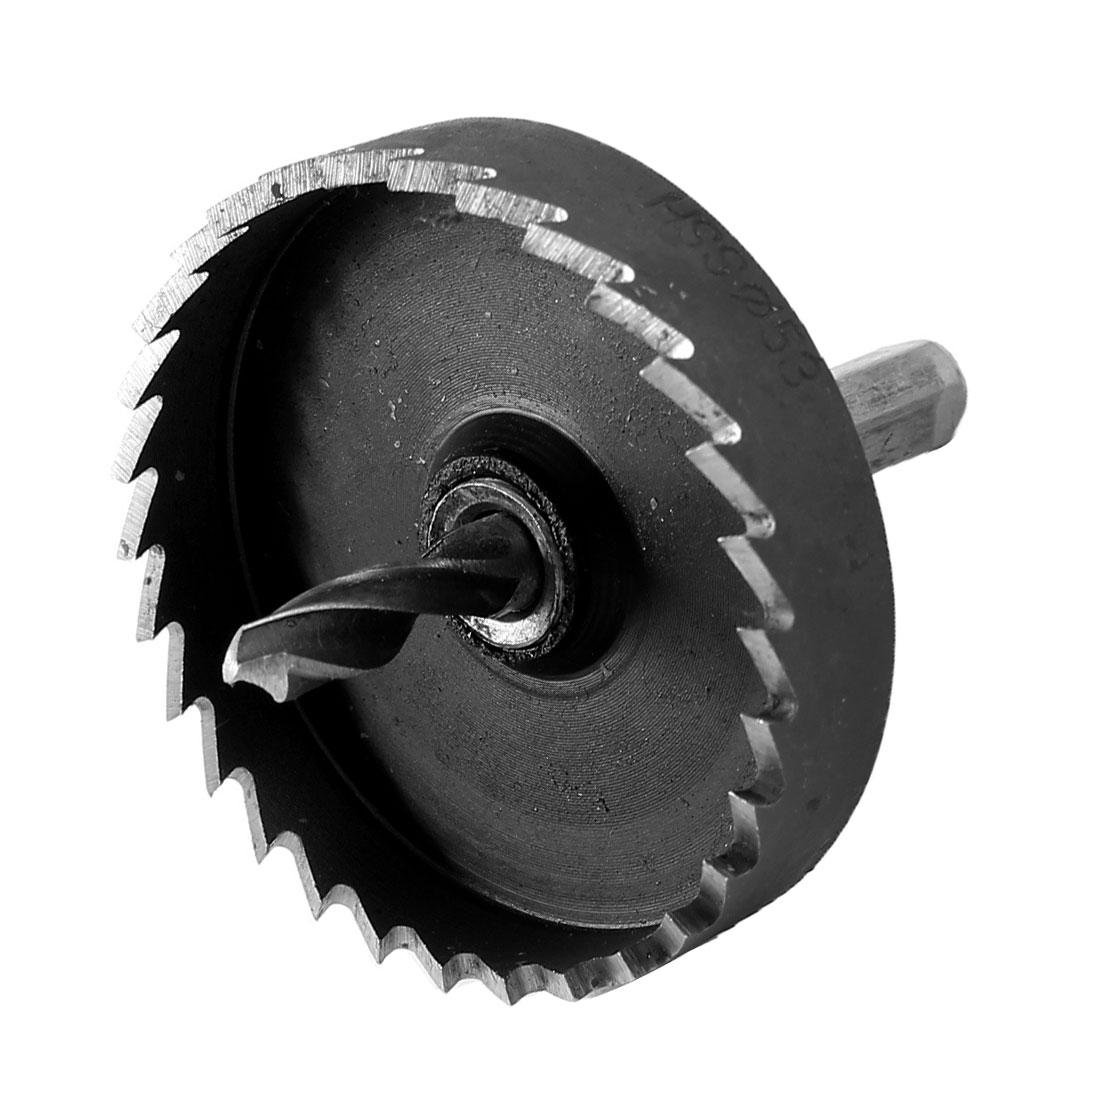 Triangle Shank 6mm Twist Drill Bit 53mm Dia.HSS Iron Cutting Hole Saw